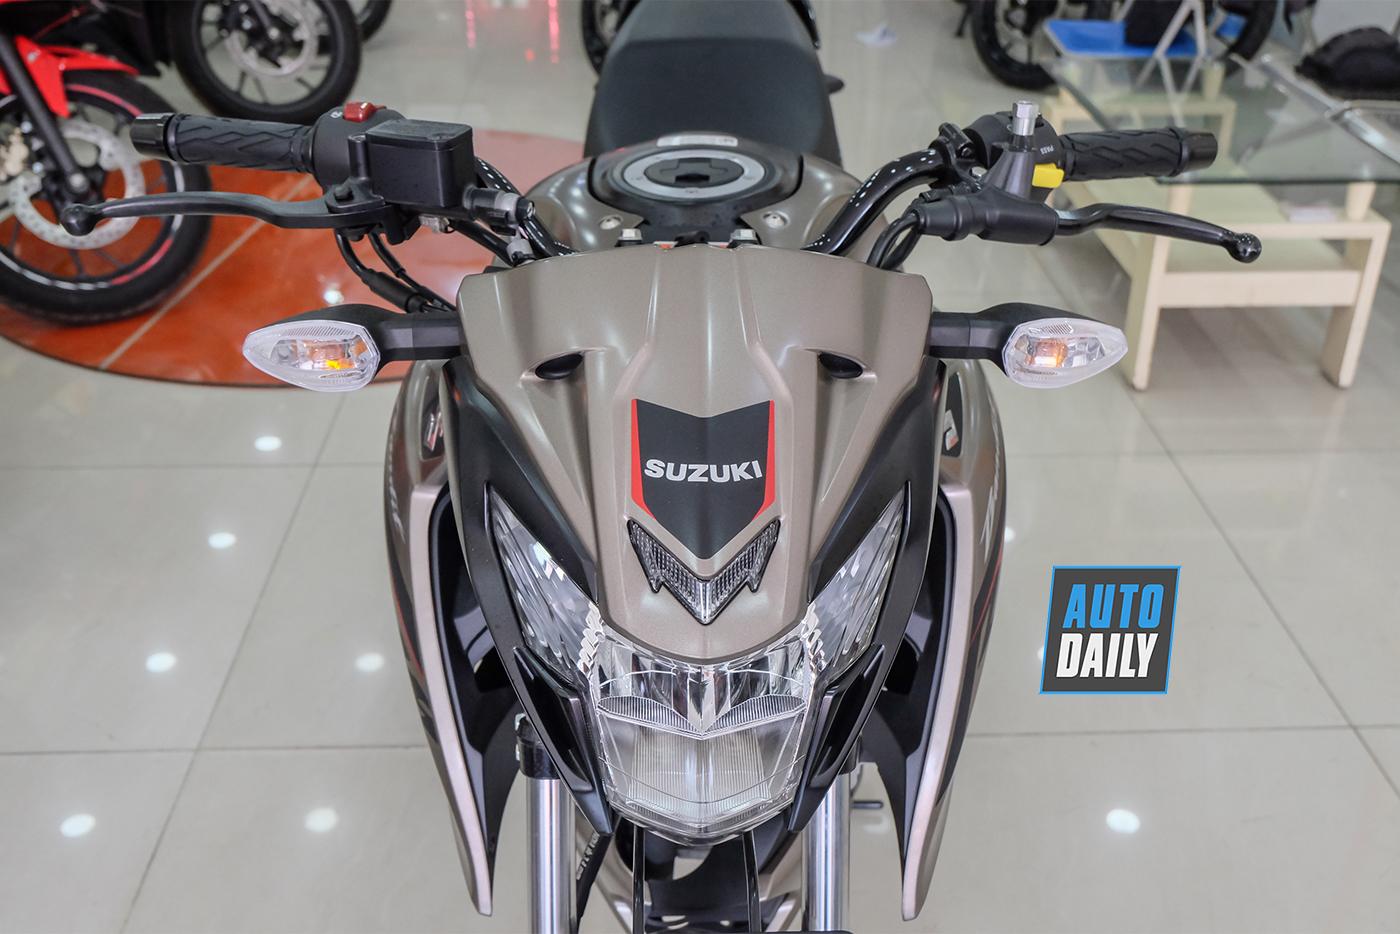 suzuki-gsx-150-bandit-5.jpg